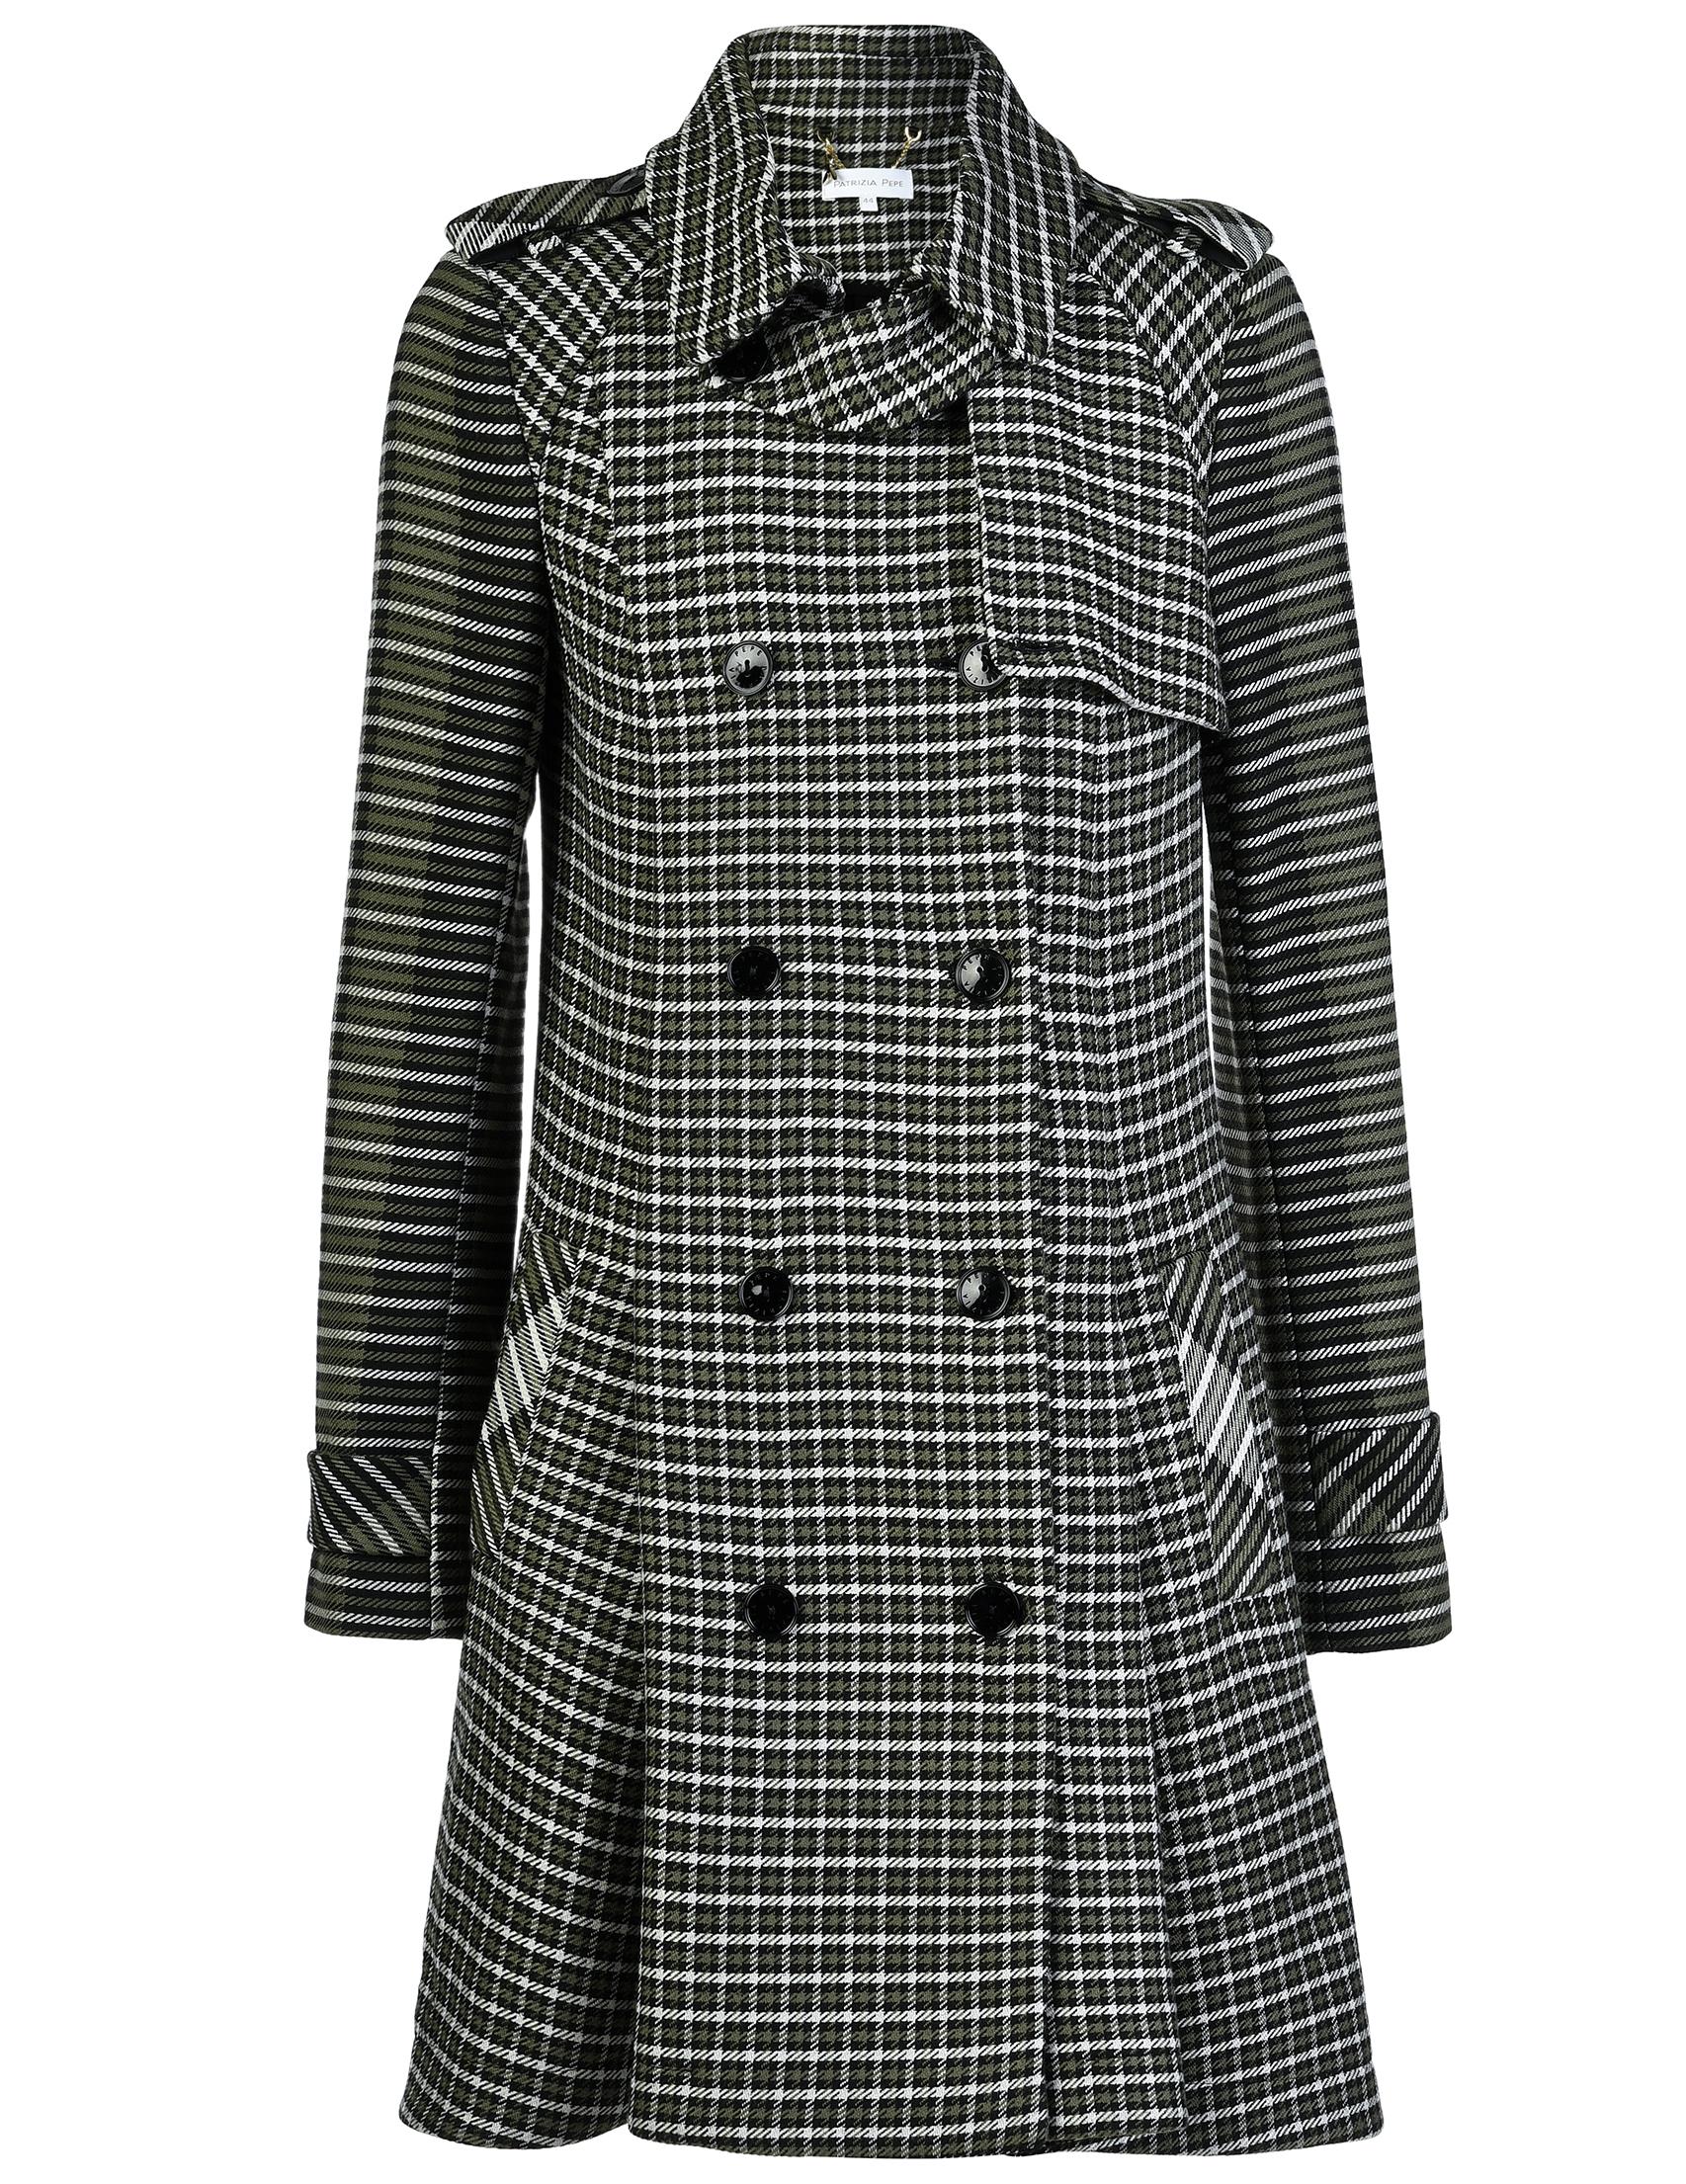 Купить Пальто, PATRIZIA PEPE, Зеленый, 9%Акрил 57%Вискоза 21%Шерсть 3%Полиамид 10%Полиэстер, Осень-Зима